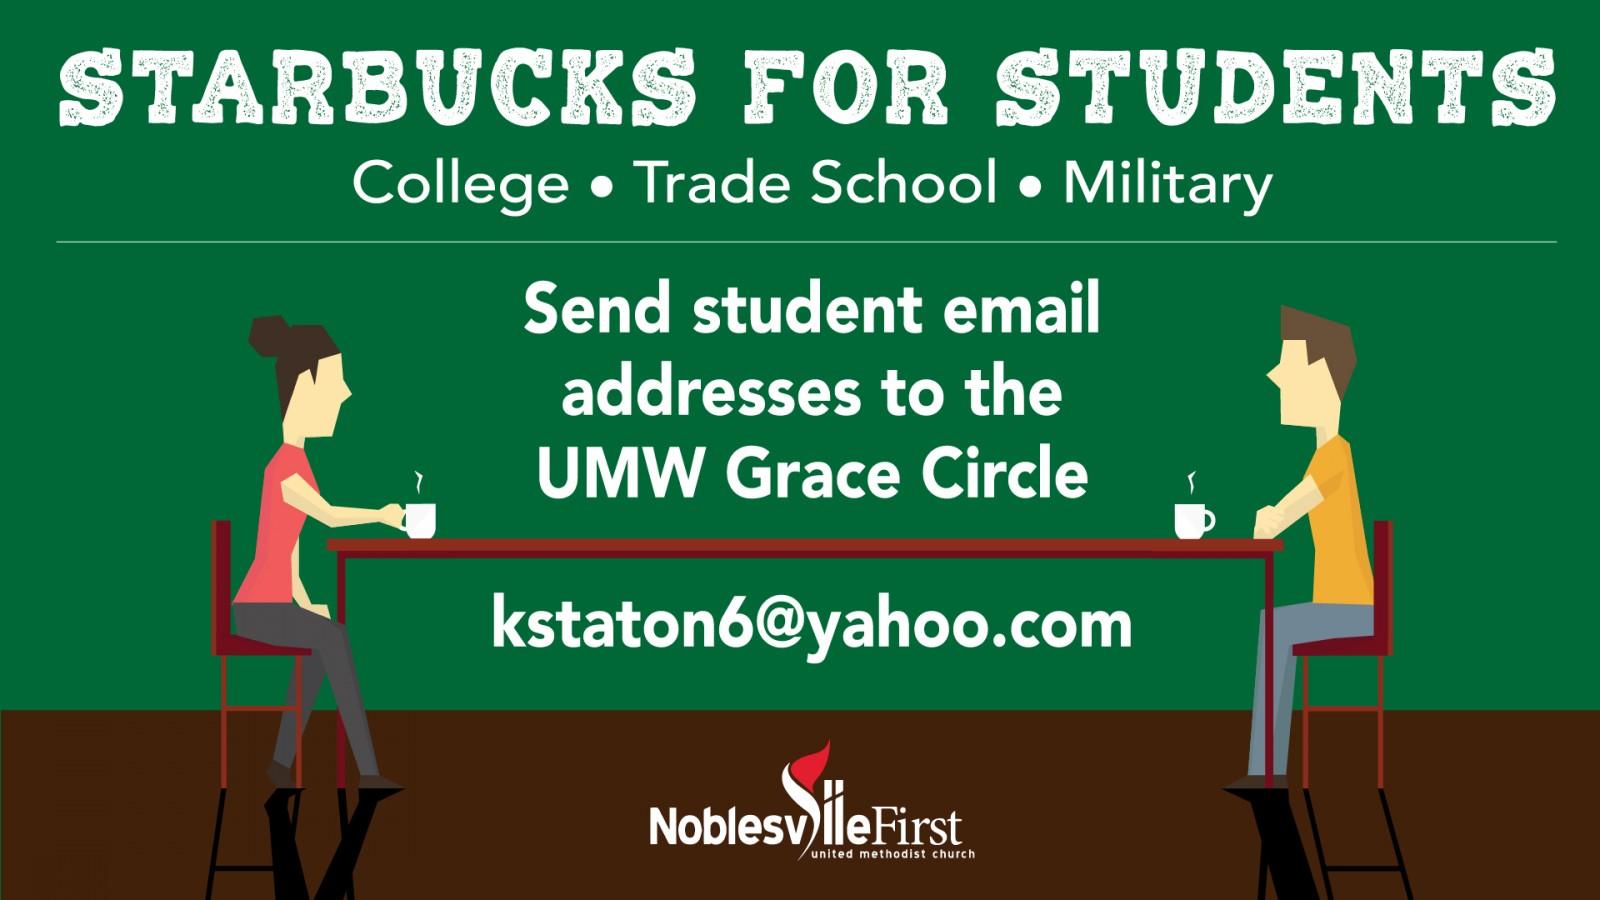 Starbucks for Students - names